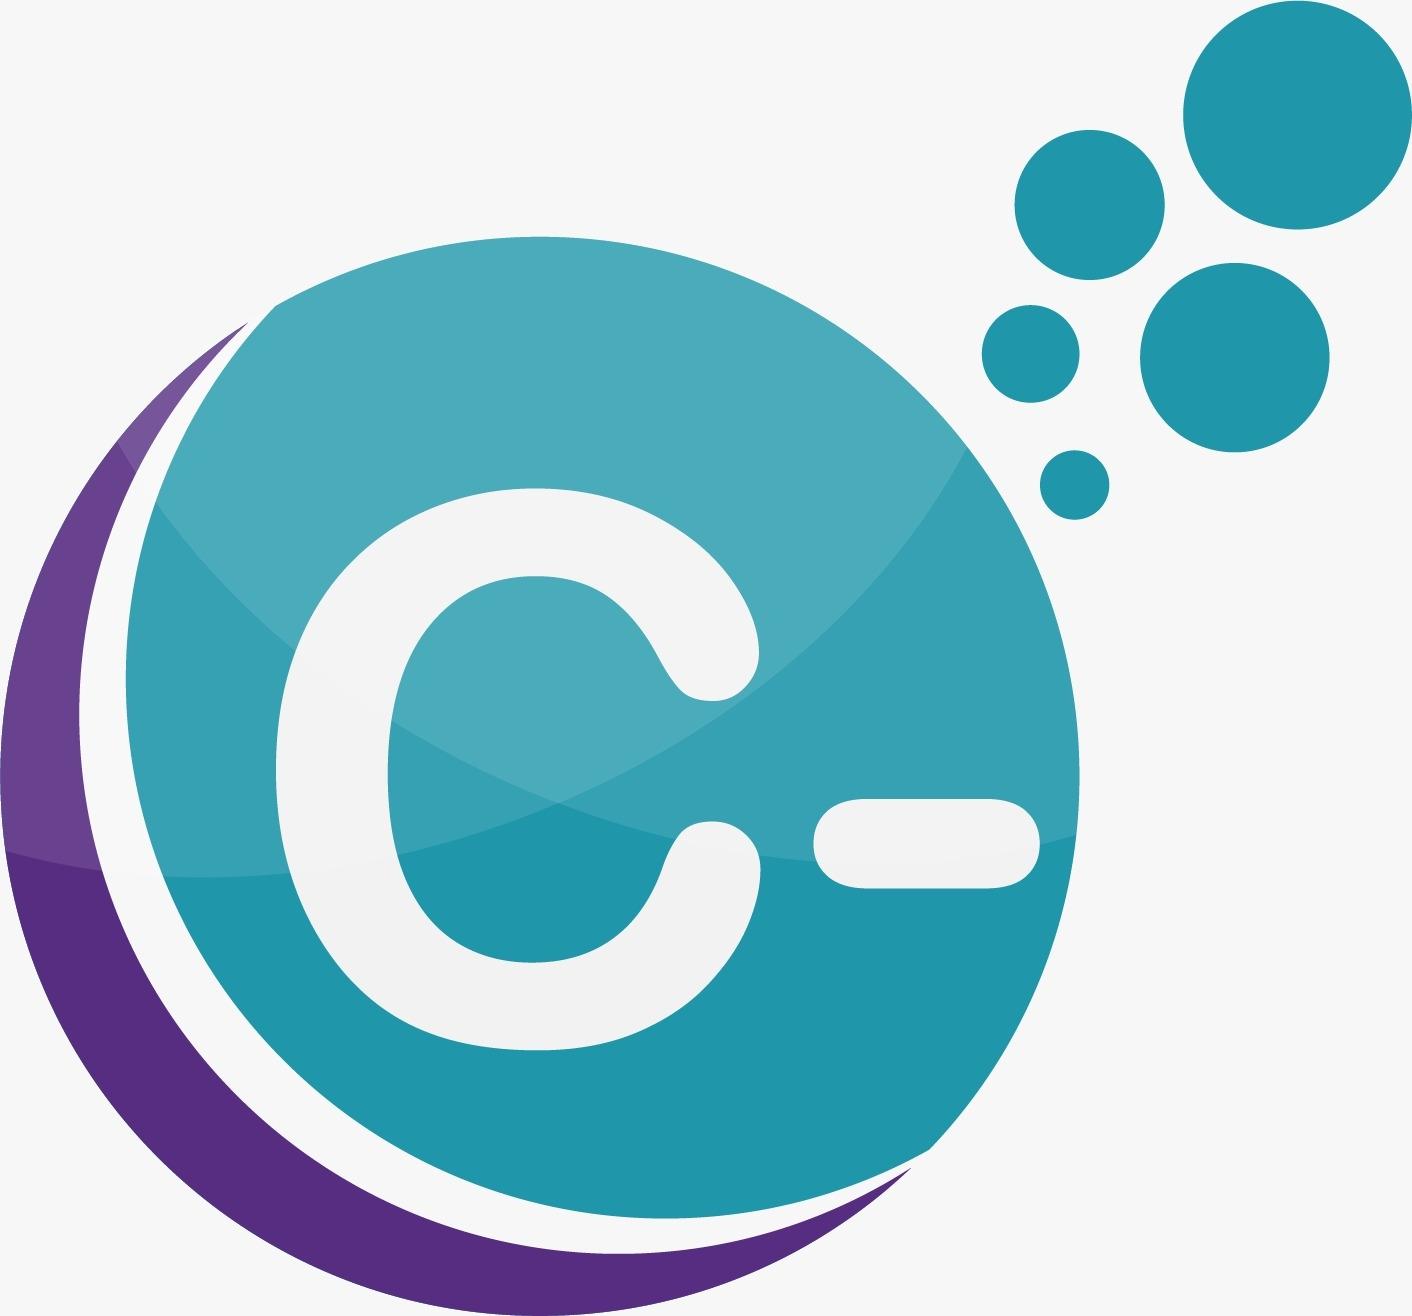 C-Maxi schoonmaakbedrijf (@cmaxi8008) Cover Image